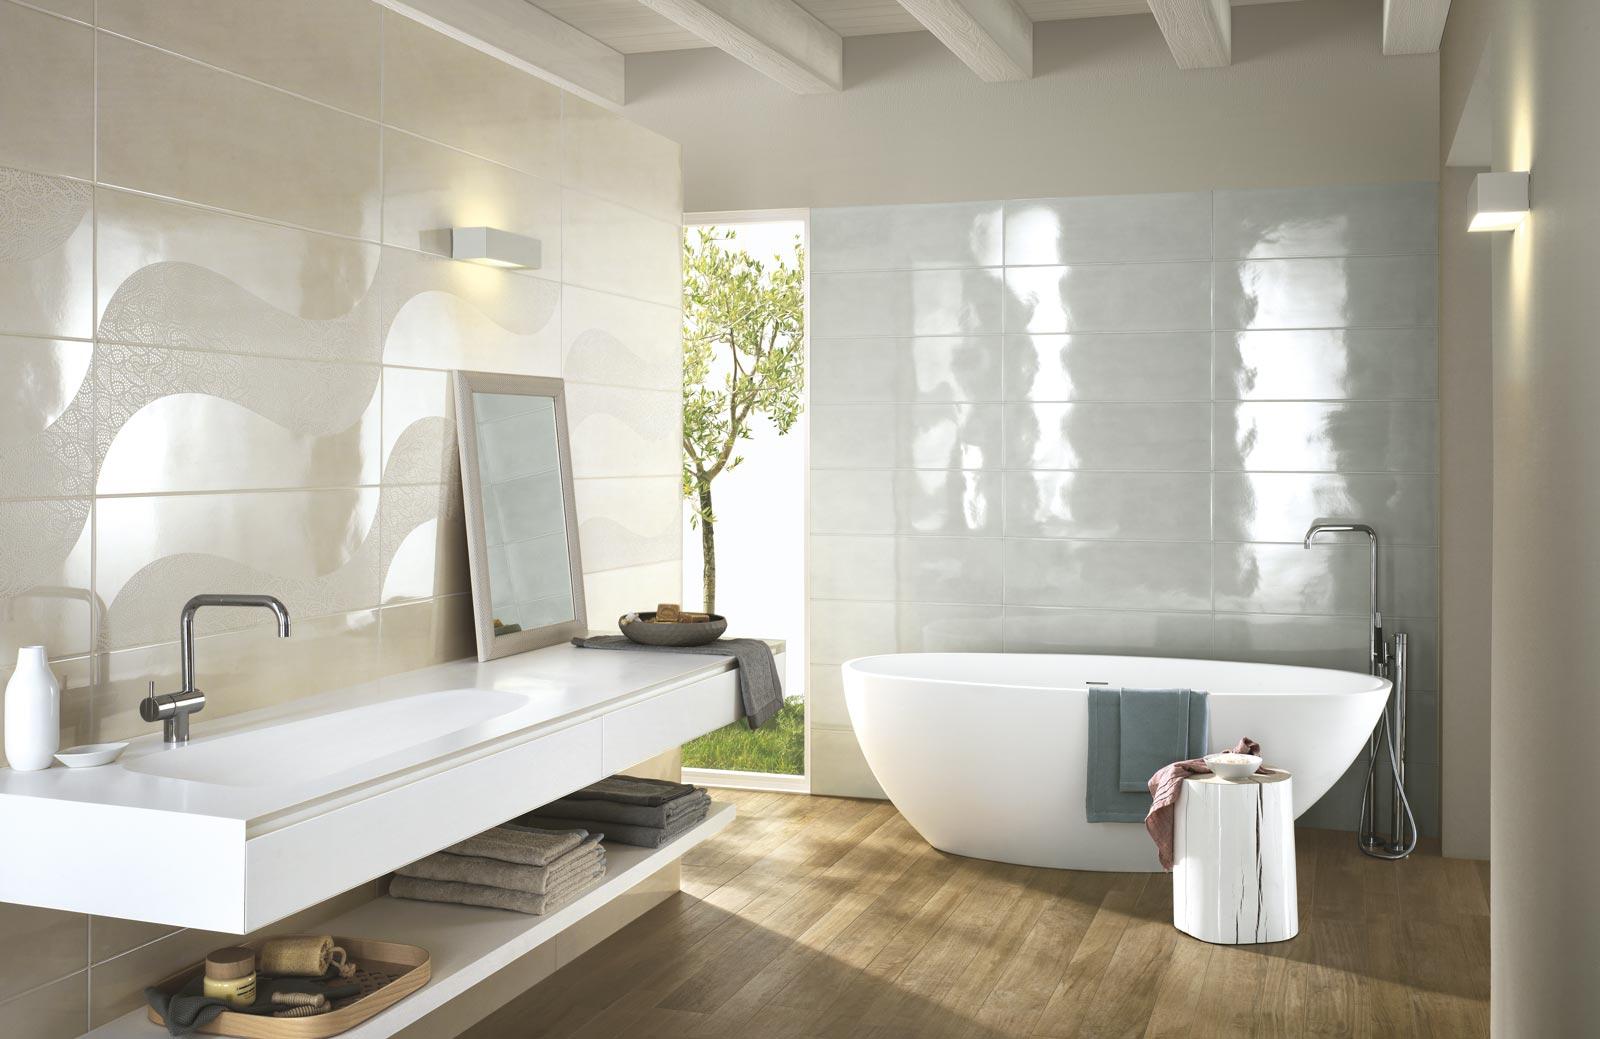 Collezione handmade rivestimenti bagno effetto lucido ragno - Design bagno piastrelle ...